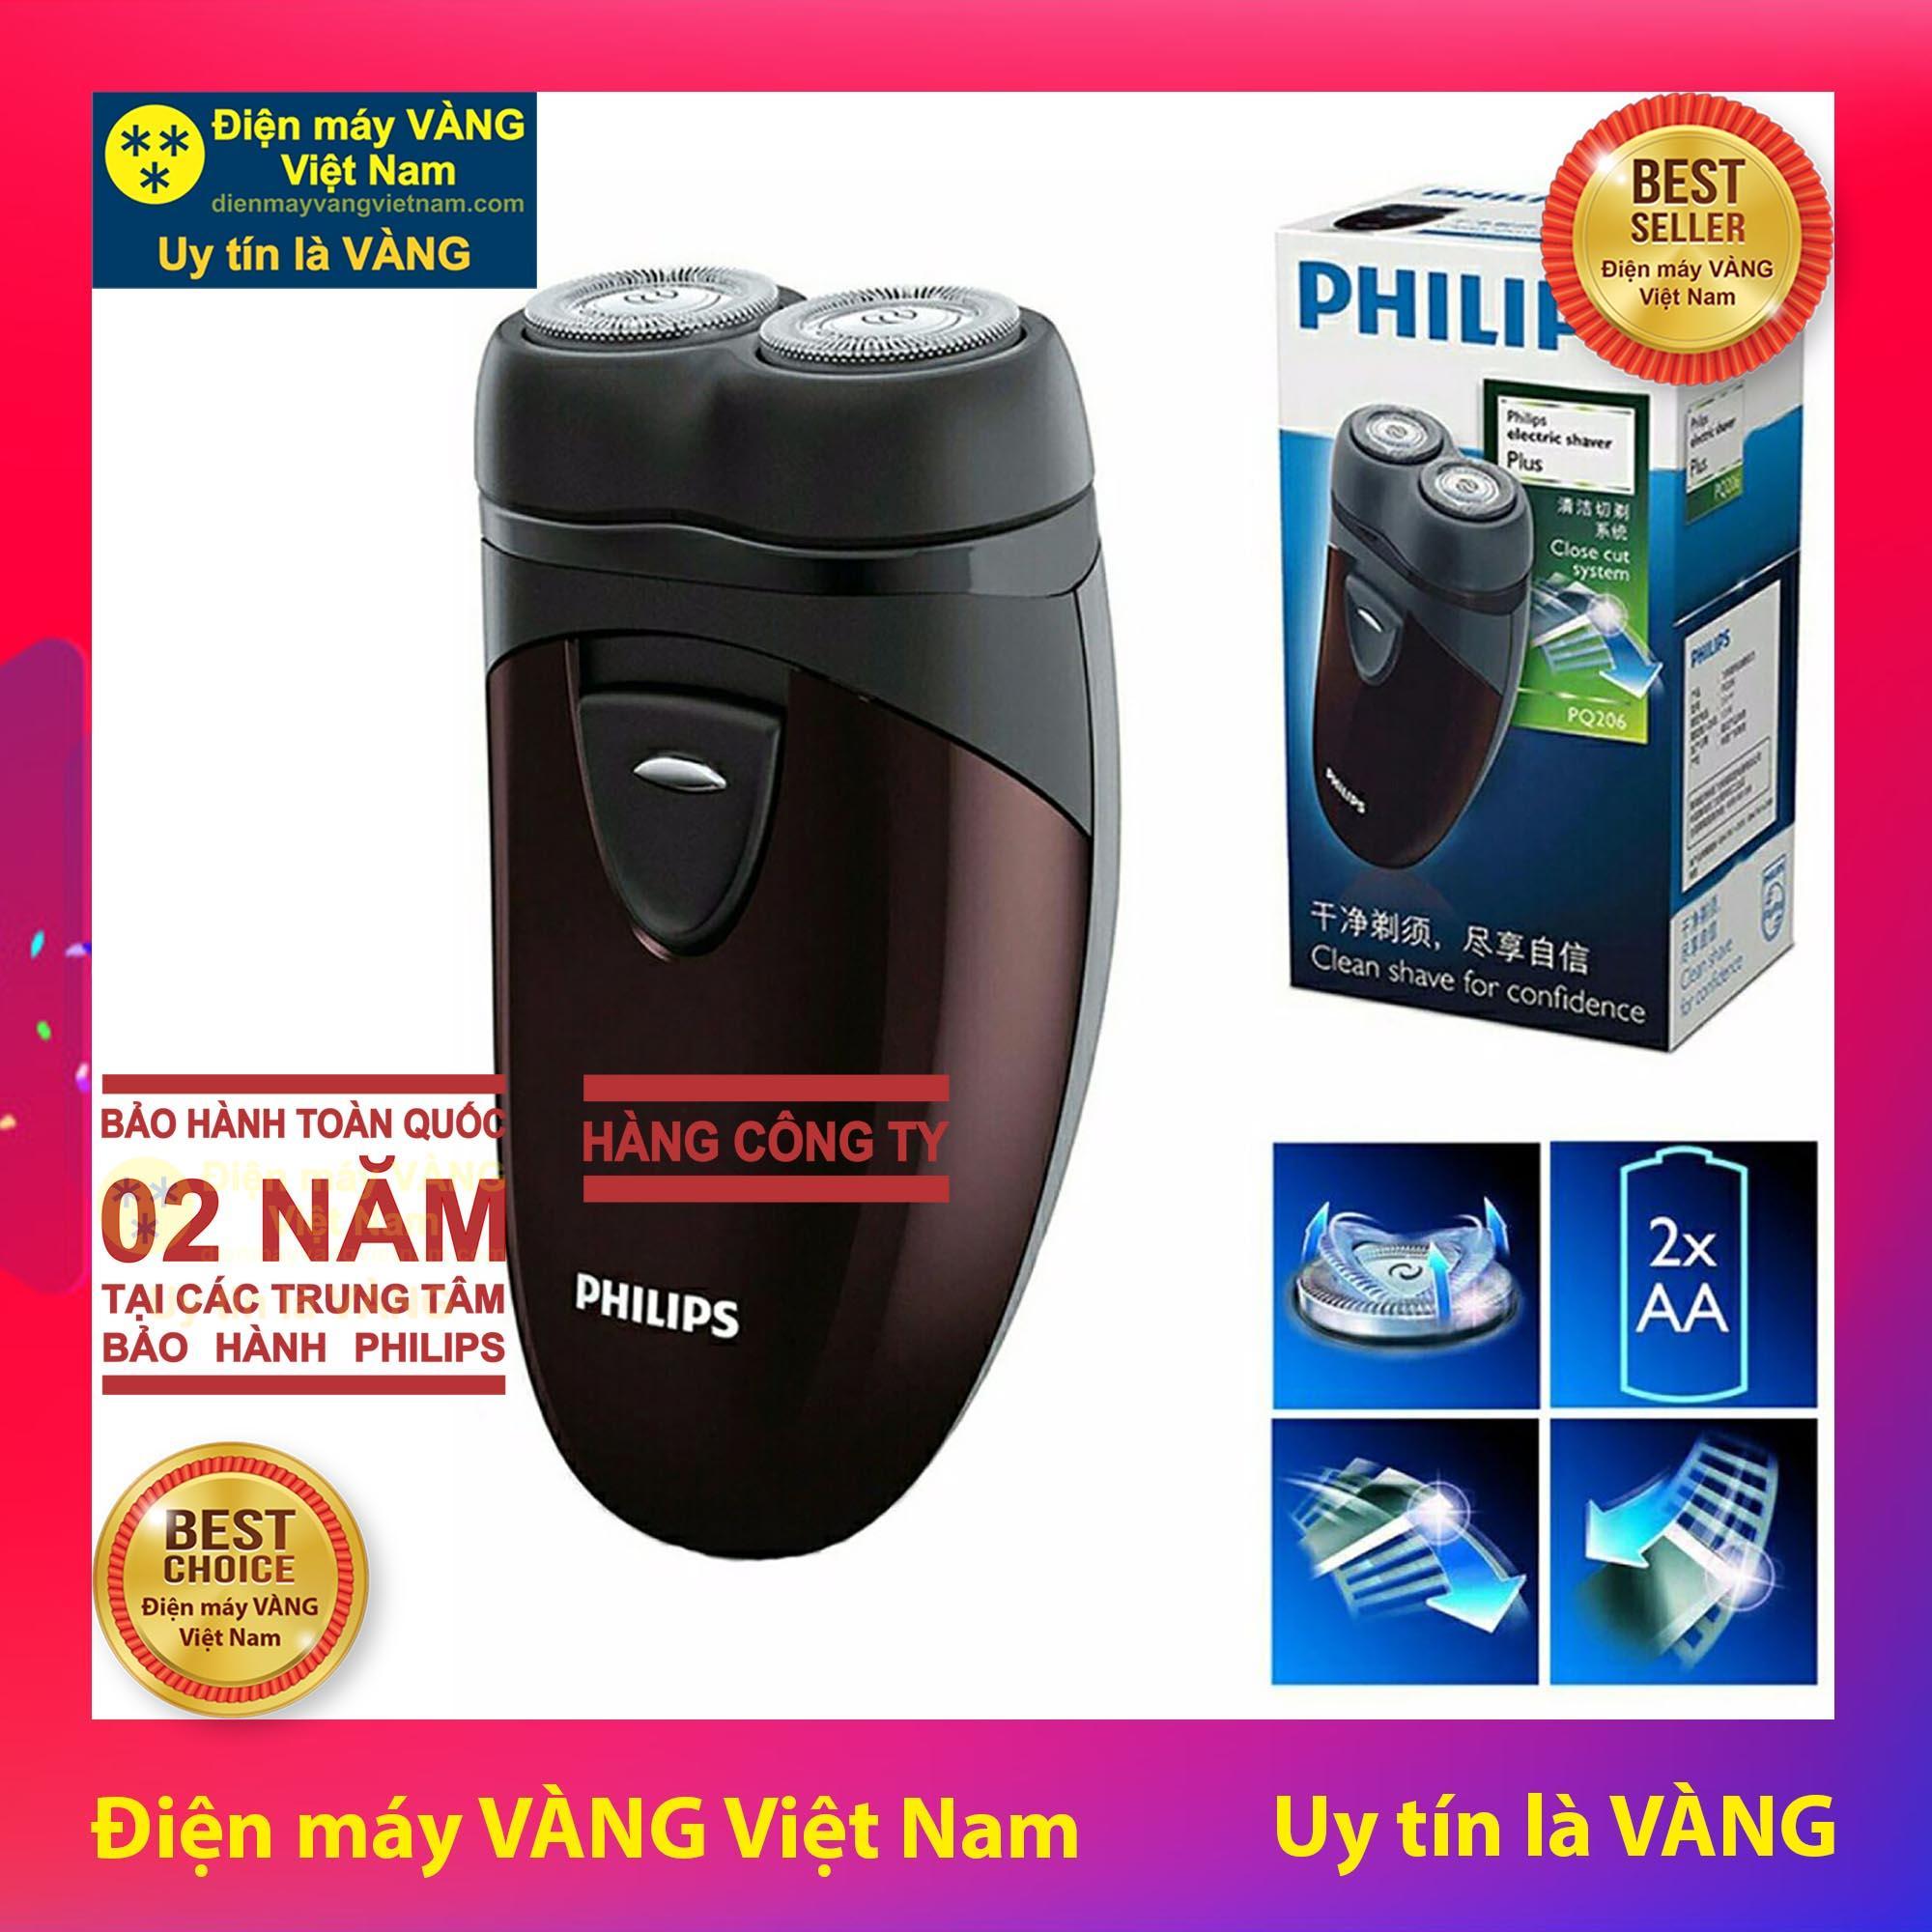 Máy Cạo Râu Du Lịch Philips Pq206 - Hàng công ty